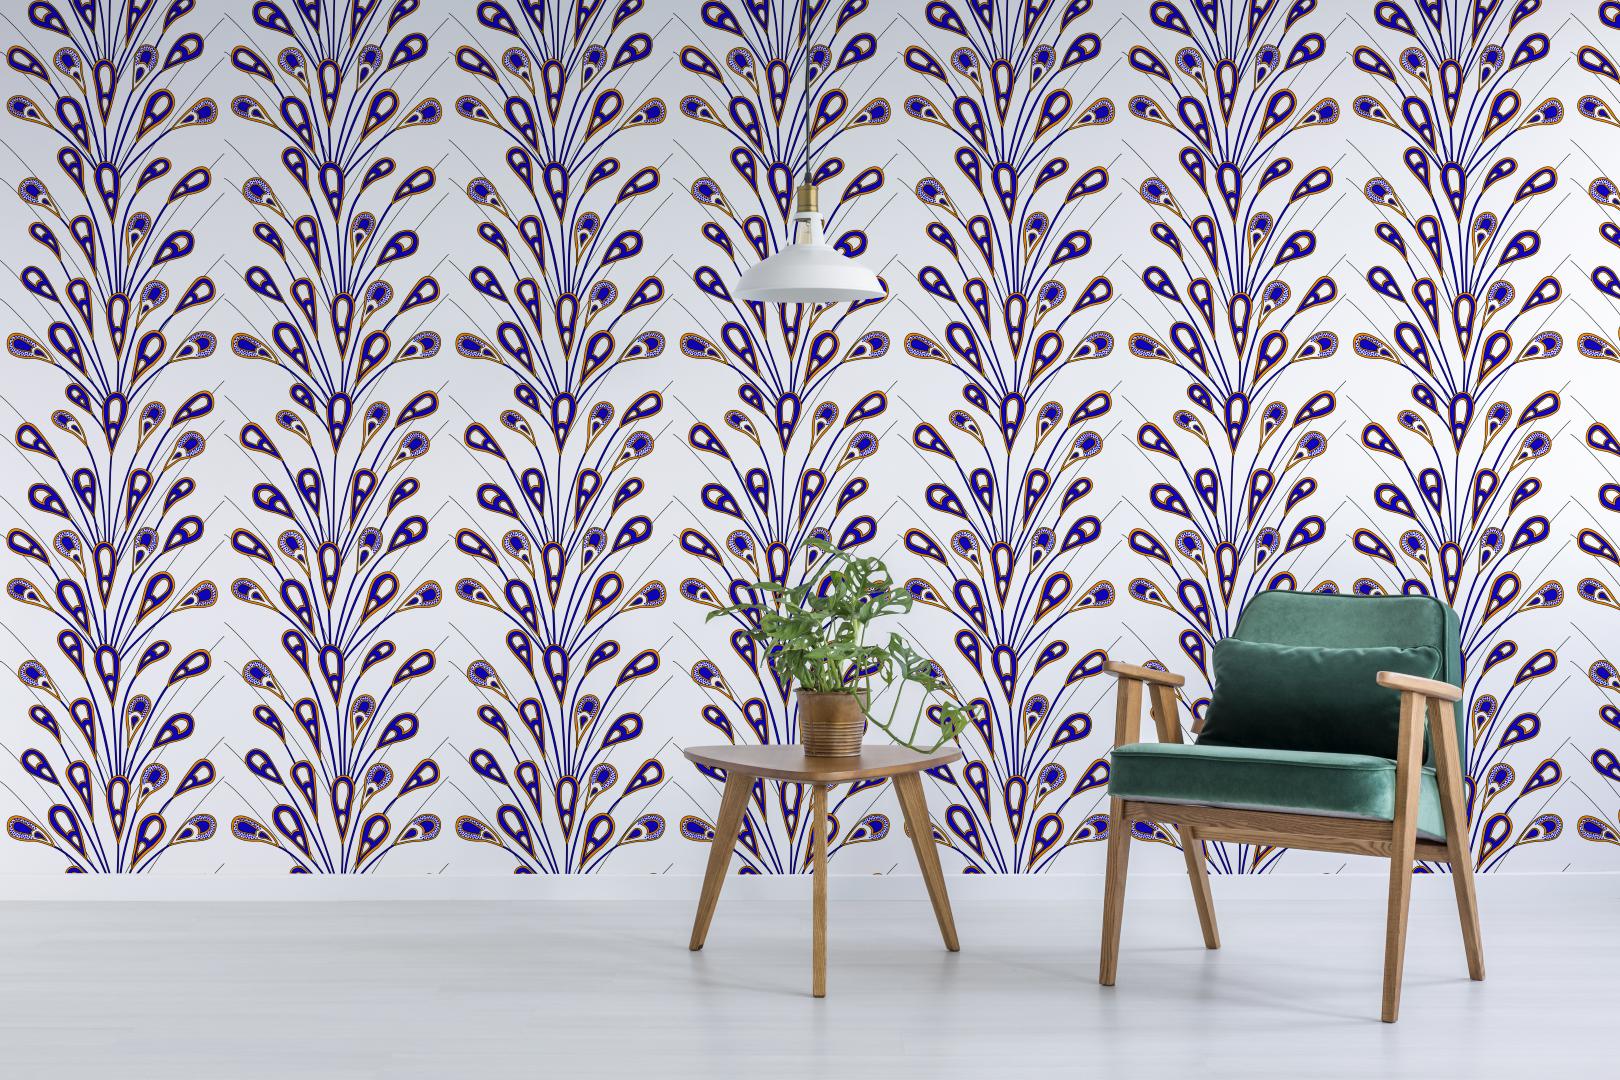 Blue Peacock Ankara Peel & Stick Wallpaper Unique